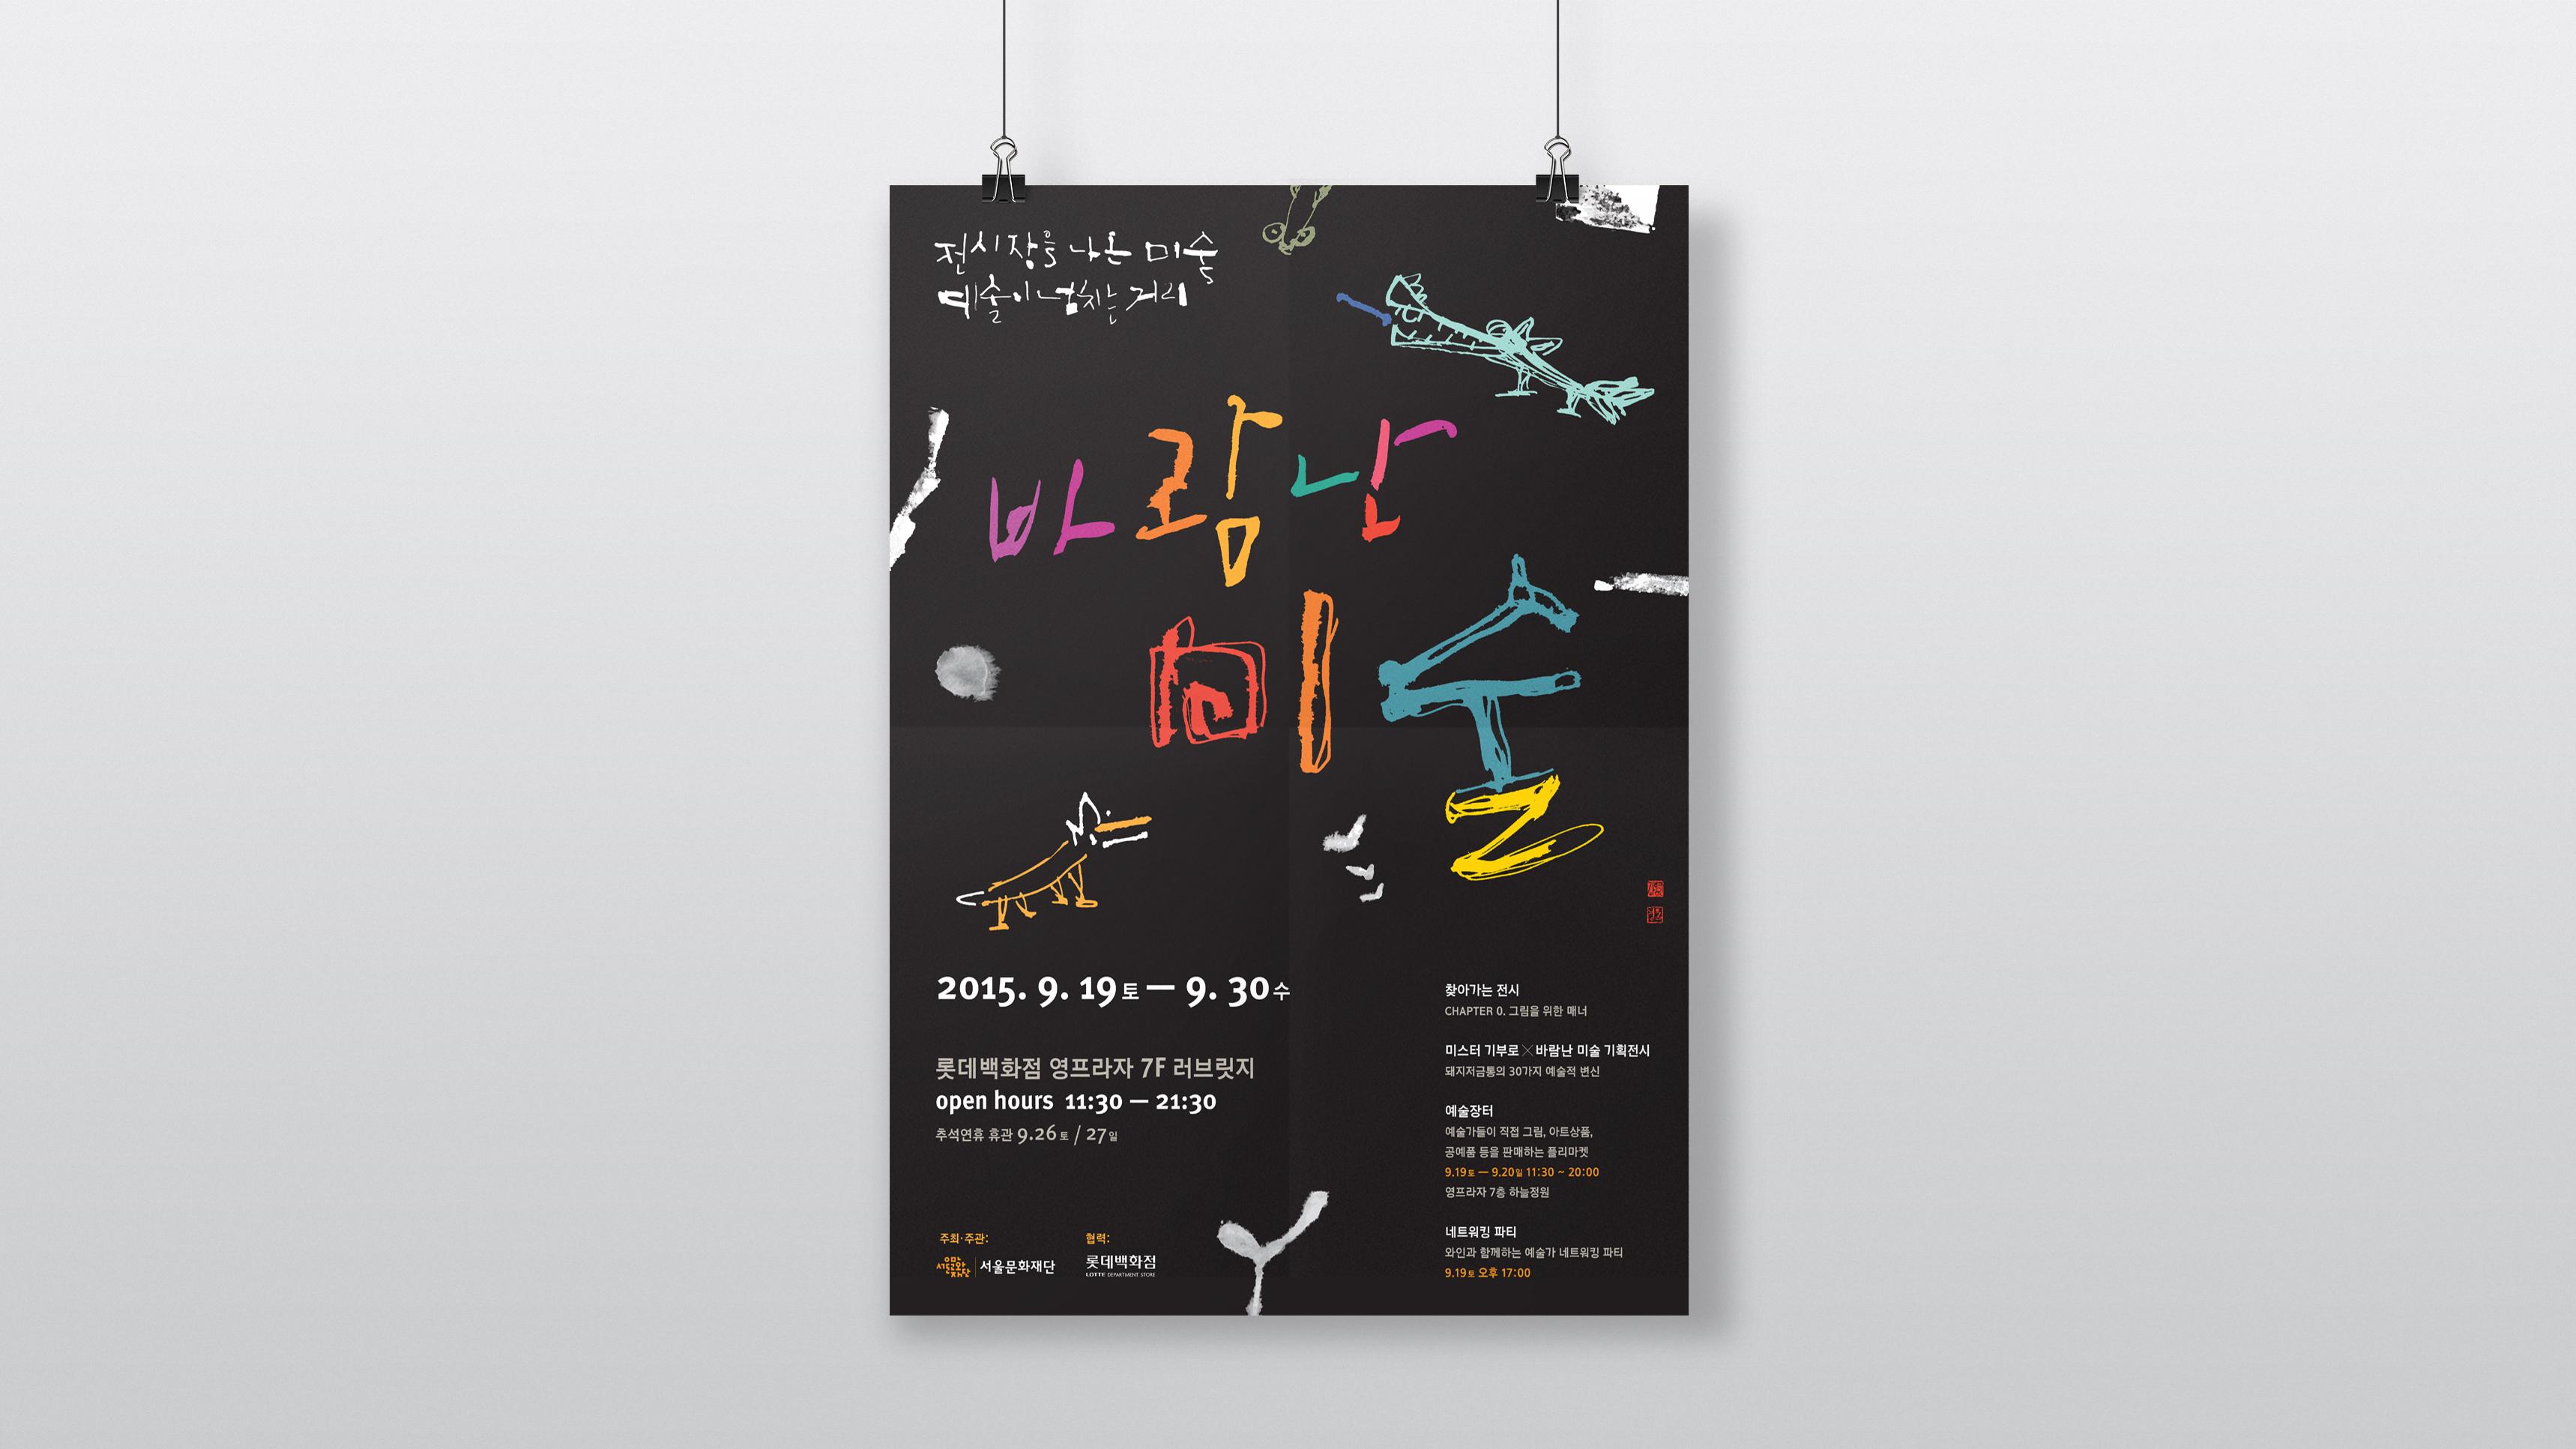 바람난미술_포스터_목업